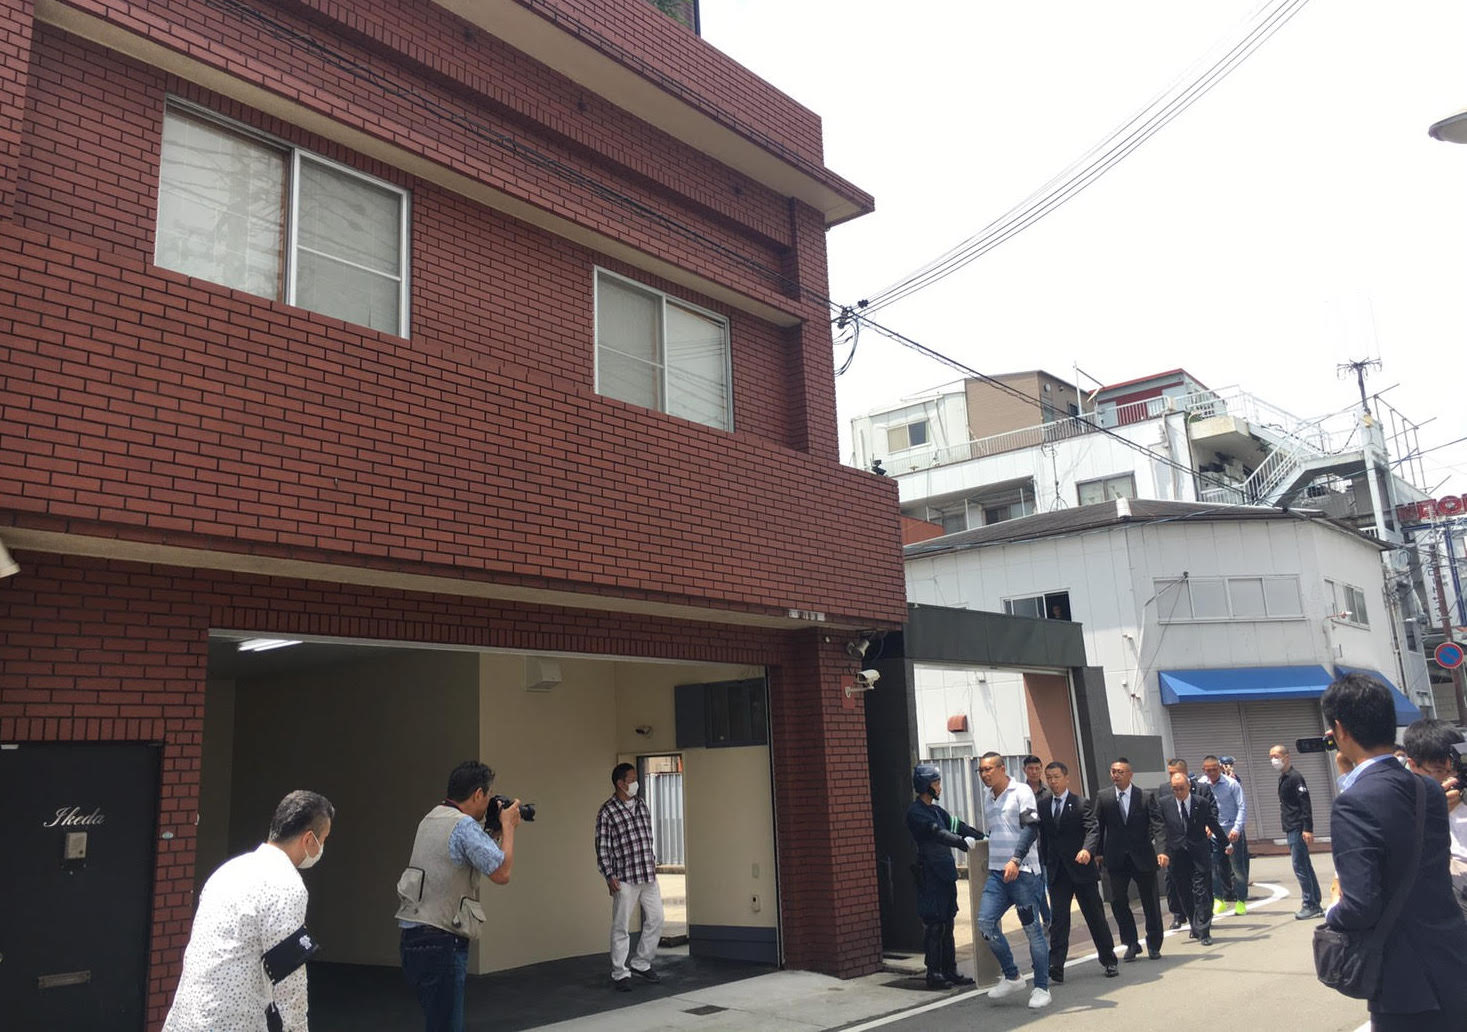 【神戸山口組分裂・最新動向】任俠団体山口組が定例会開催、注目された開催場所は…?の画像1